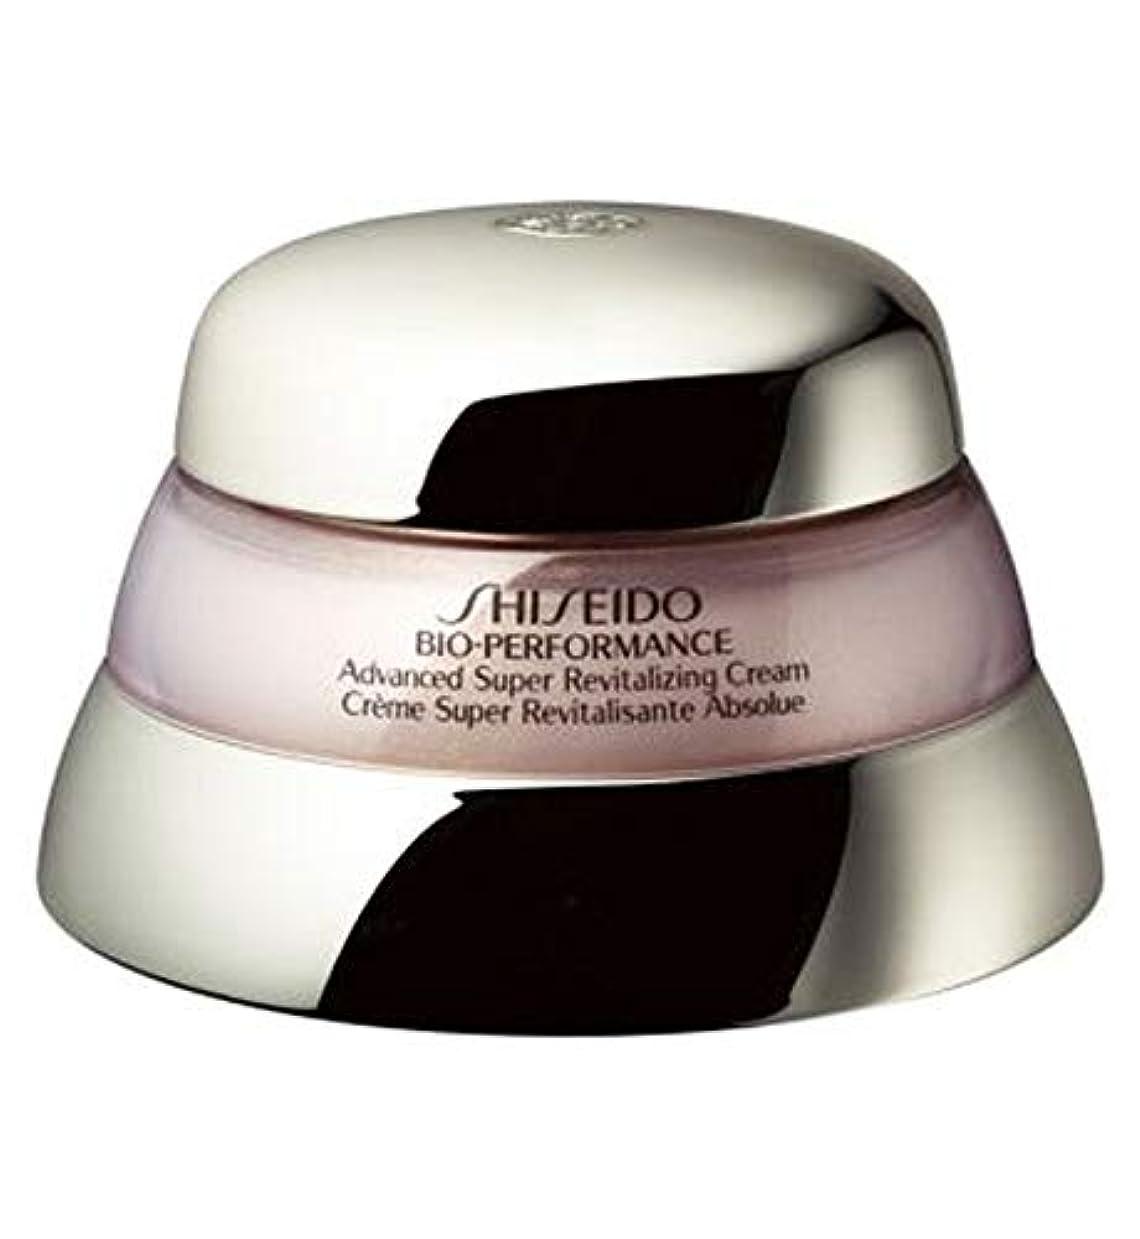 [Shiseido] 資生堂バイオ - パフォーマンスがスーパーリバイタライジングクリーム50Mlを進めました - Shiseido Bio - Performance Advanced Super Revitalizing...